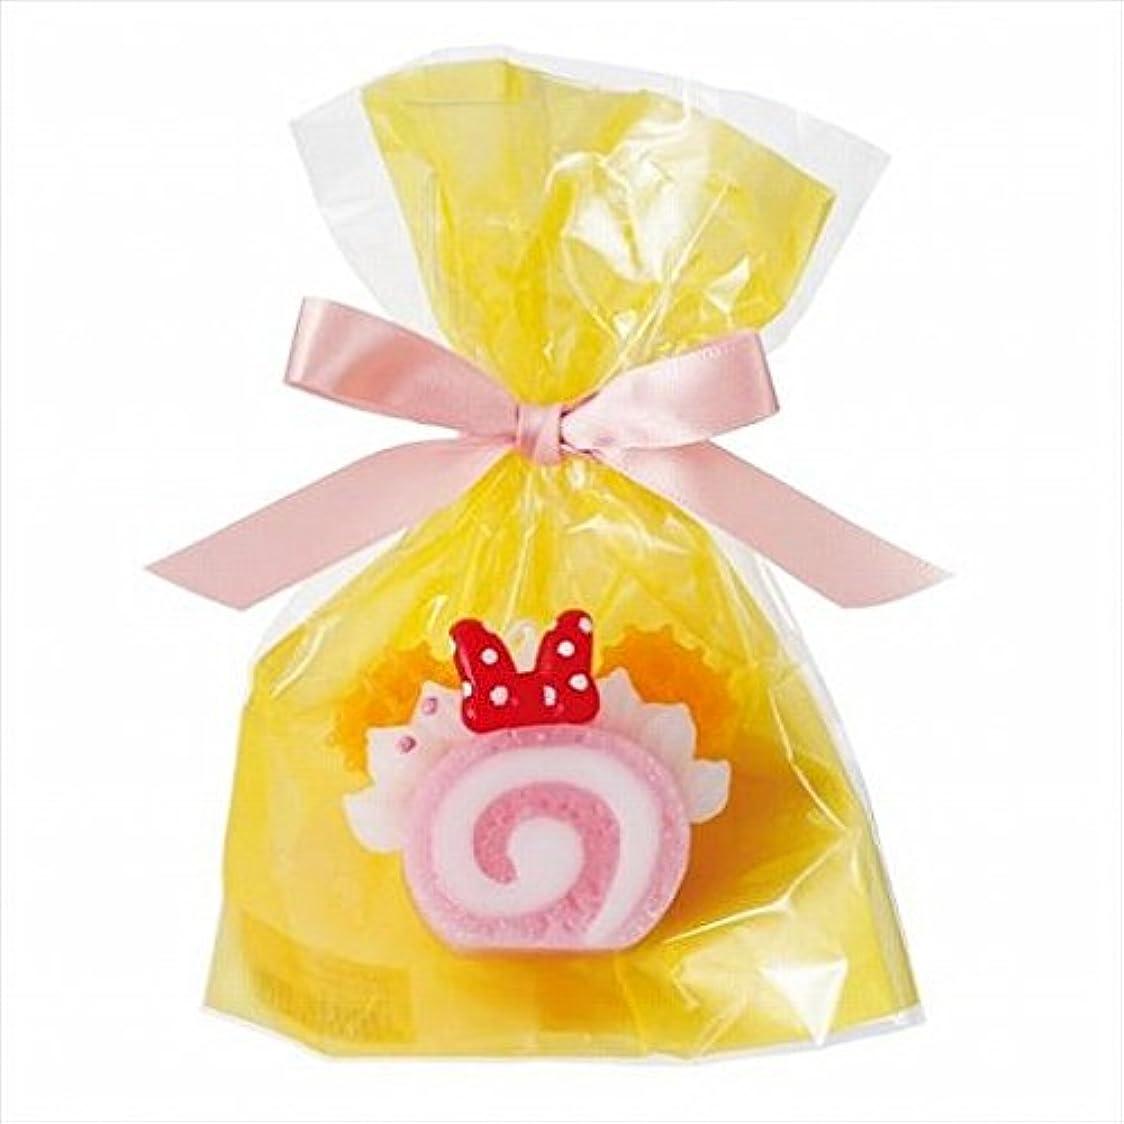 倉庫盟主日食sweets candle(スイーツキャンドル) ディズニースイーツキャンドル 「 ピンクロールケーキ 」 キャンドル 55x30x44mm (A4350030)